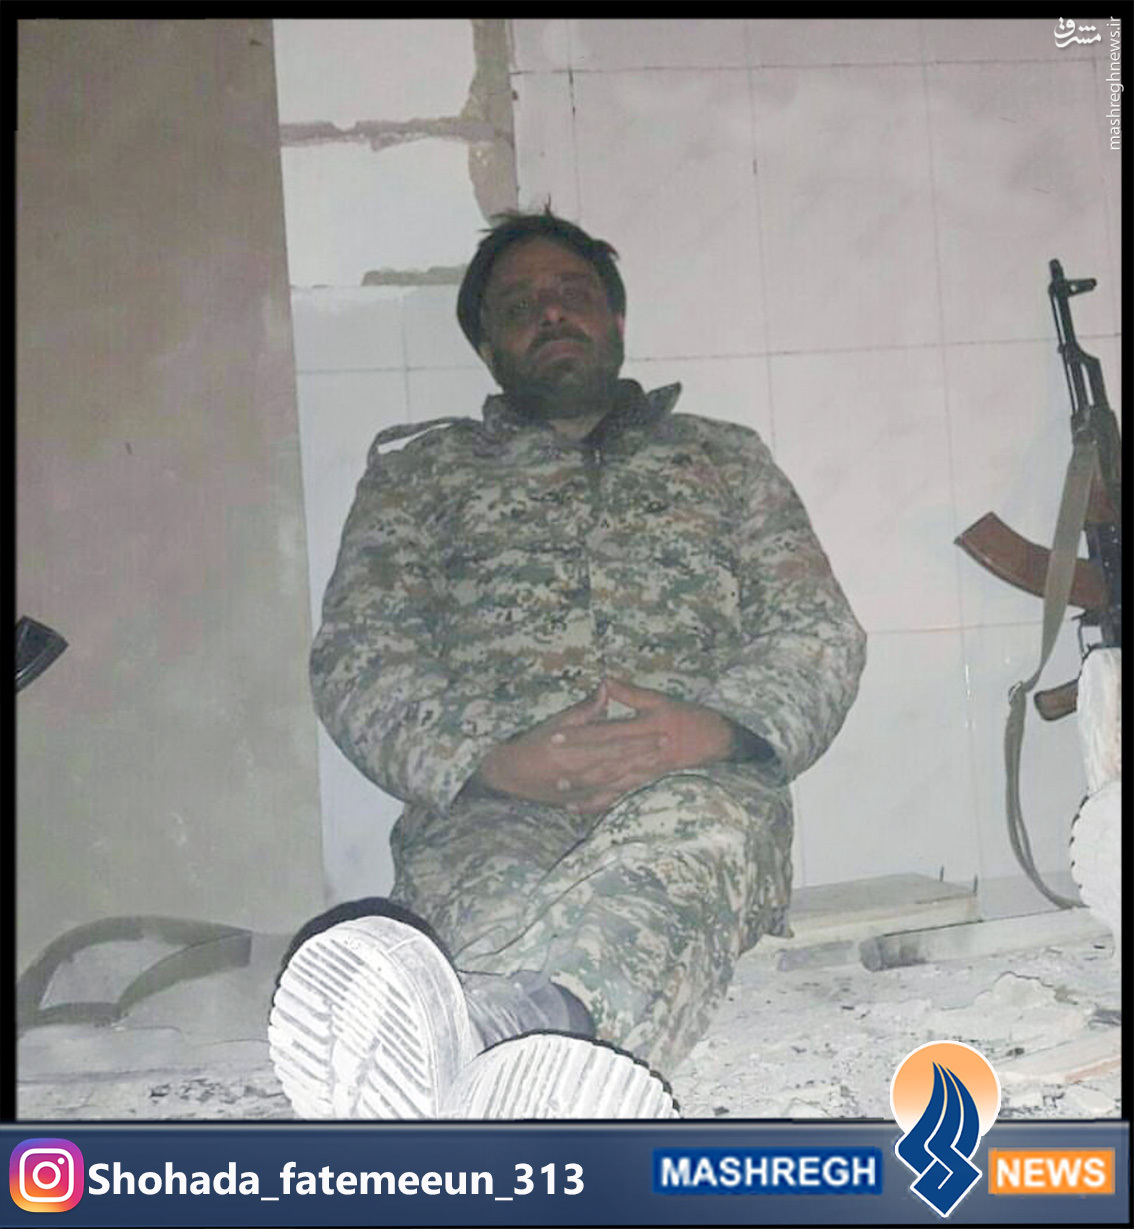 عکس/آخرین شهید مدافع حرم، دو ساعت قبل از شهادت